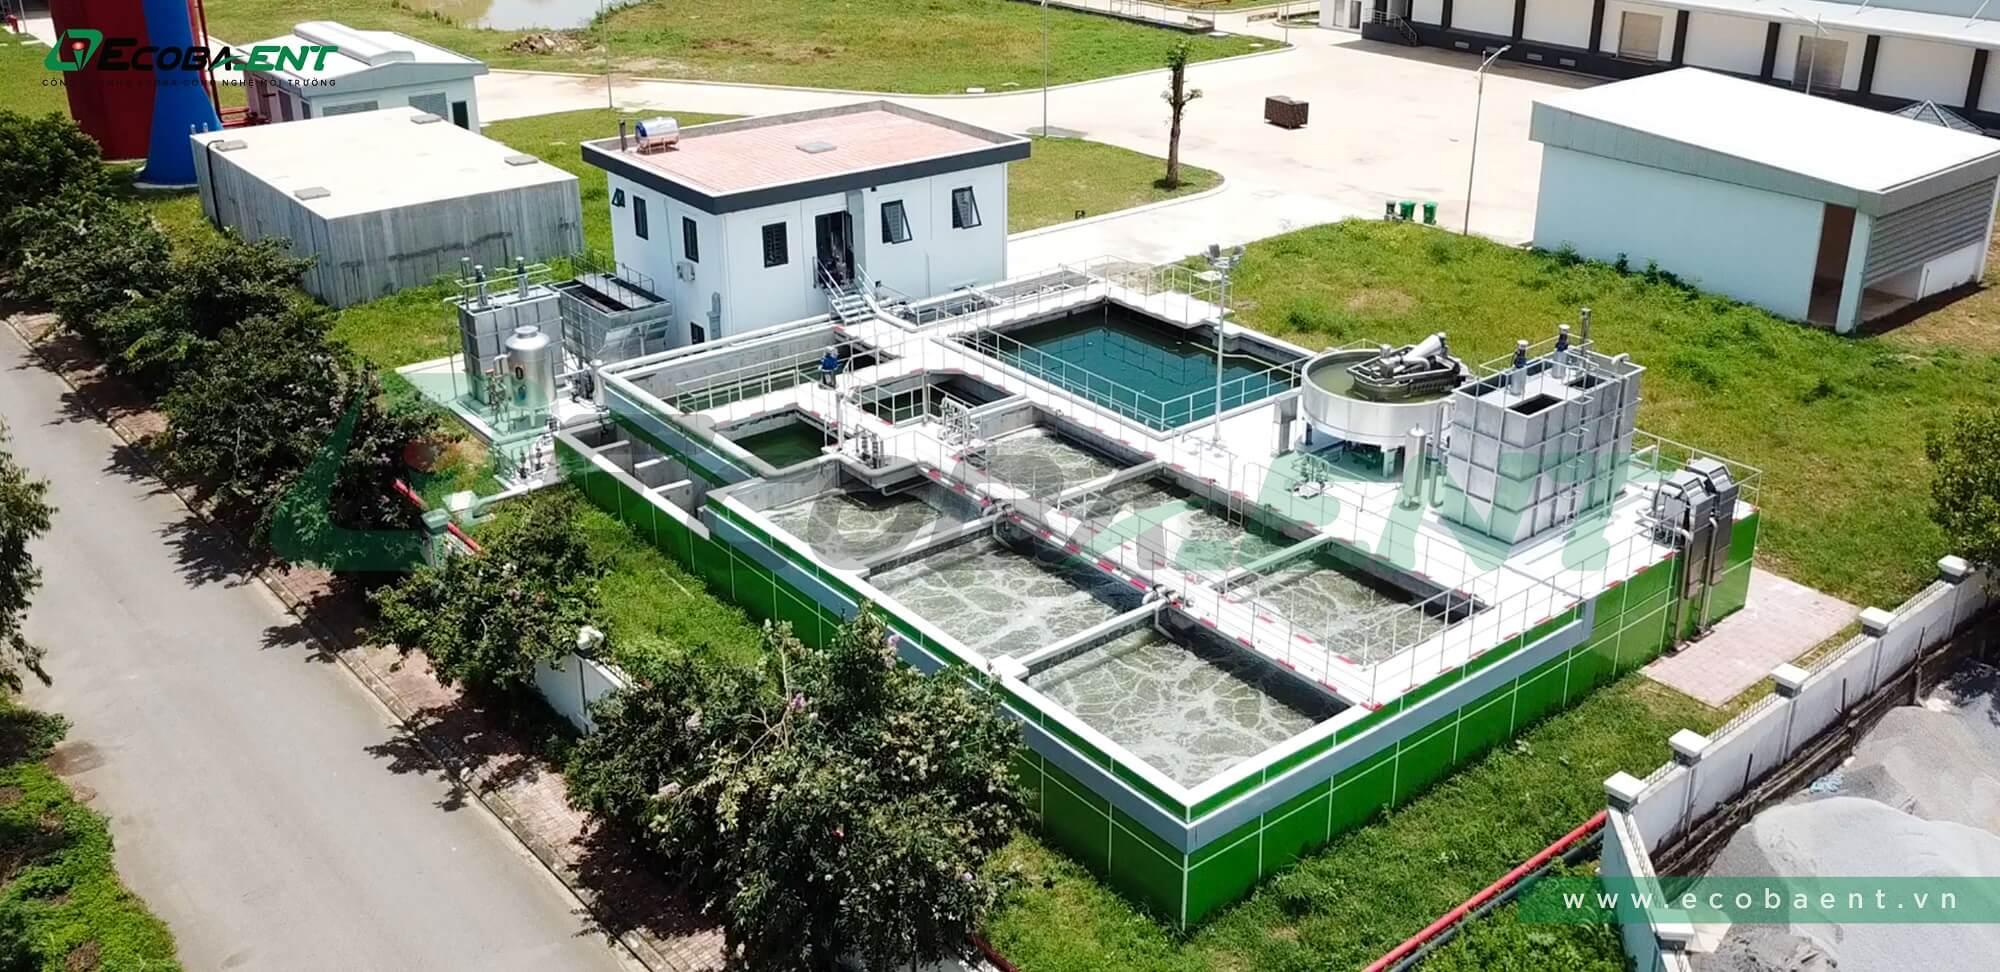 Trạm xử lý nước thải nhà máy giết mổ và pha lóc thịt lợn C.P Phú Nghĩa